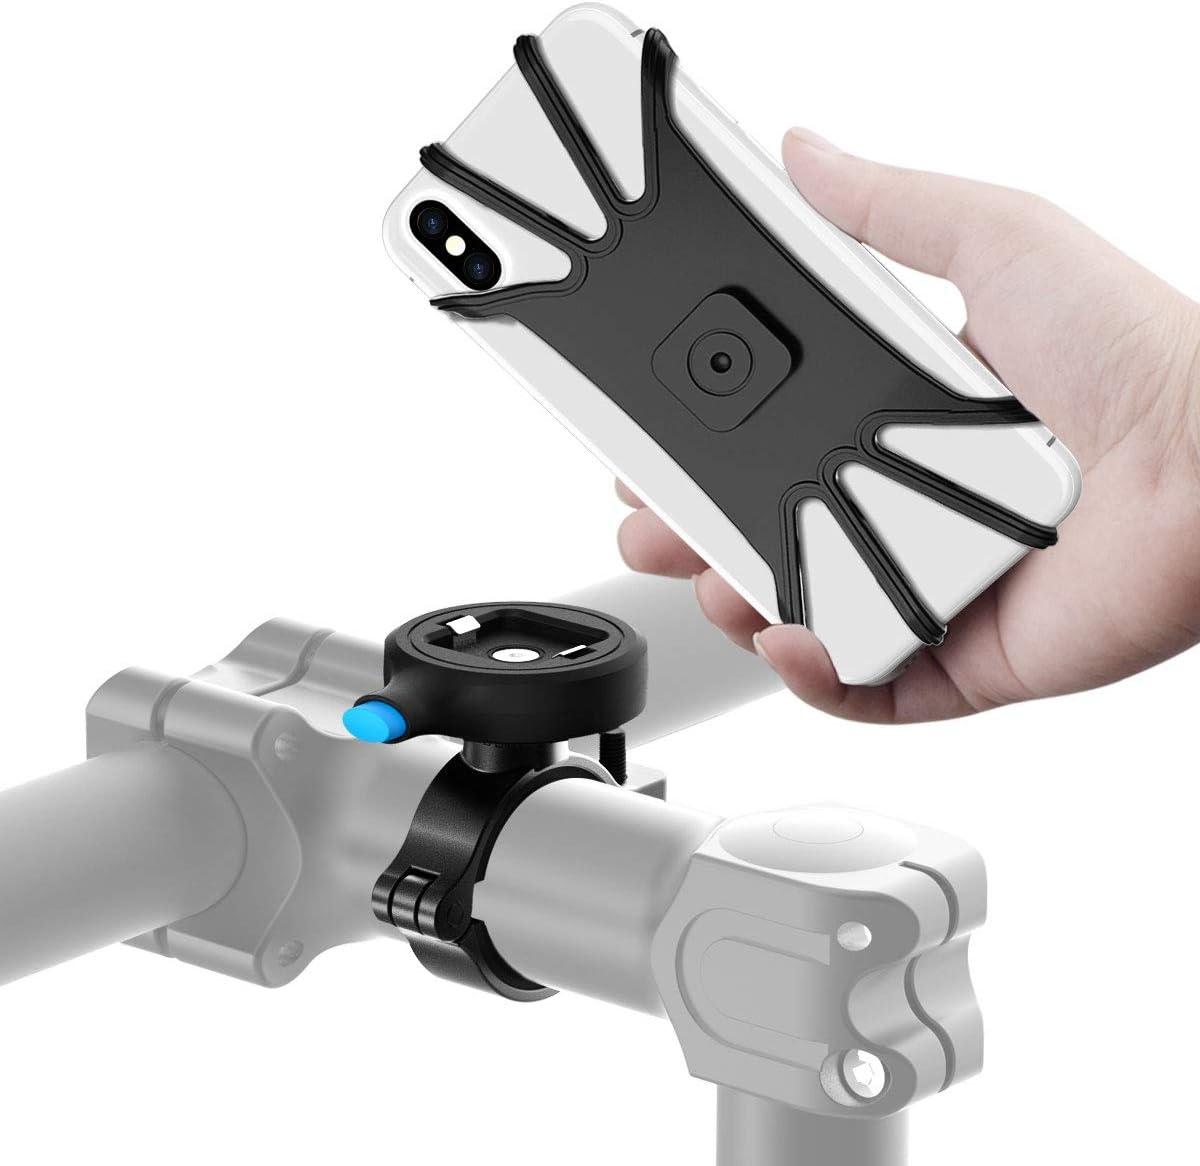 Cozycase Soporte Movil Bicicleta,Soporte Universal de Metal para Motocicleta de Bici, Motociclo con Agarre Resistente Compatible con teléfonos Inteligentes de 4.7